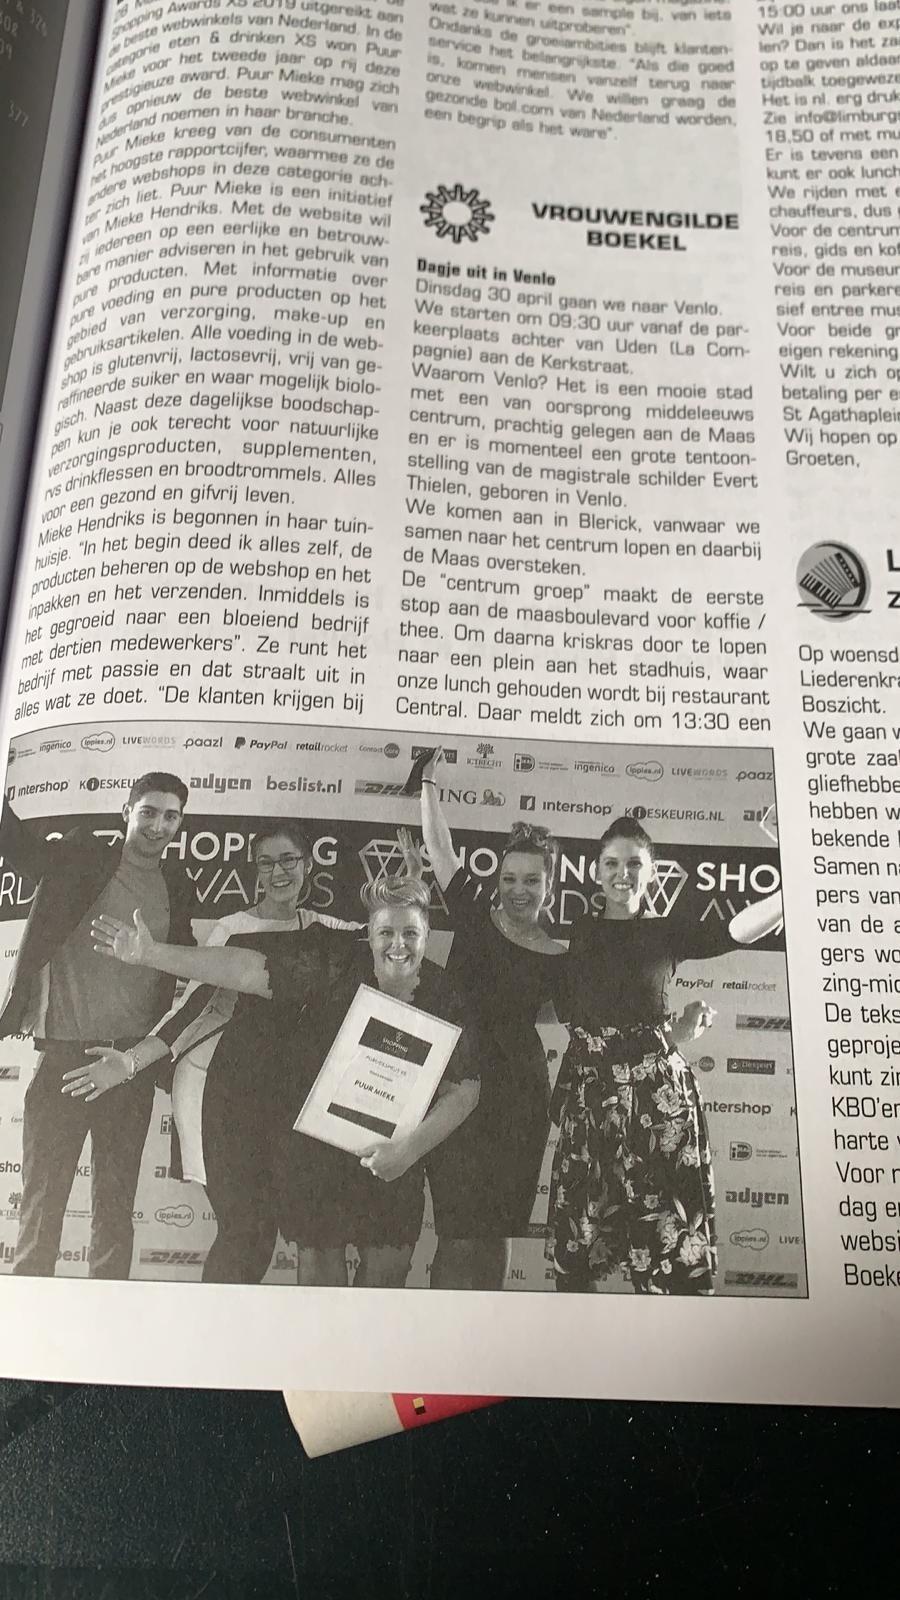 Puur Mieke in de Boekelse krant na winnen Shopping awards 2019